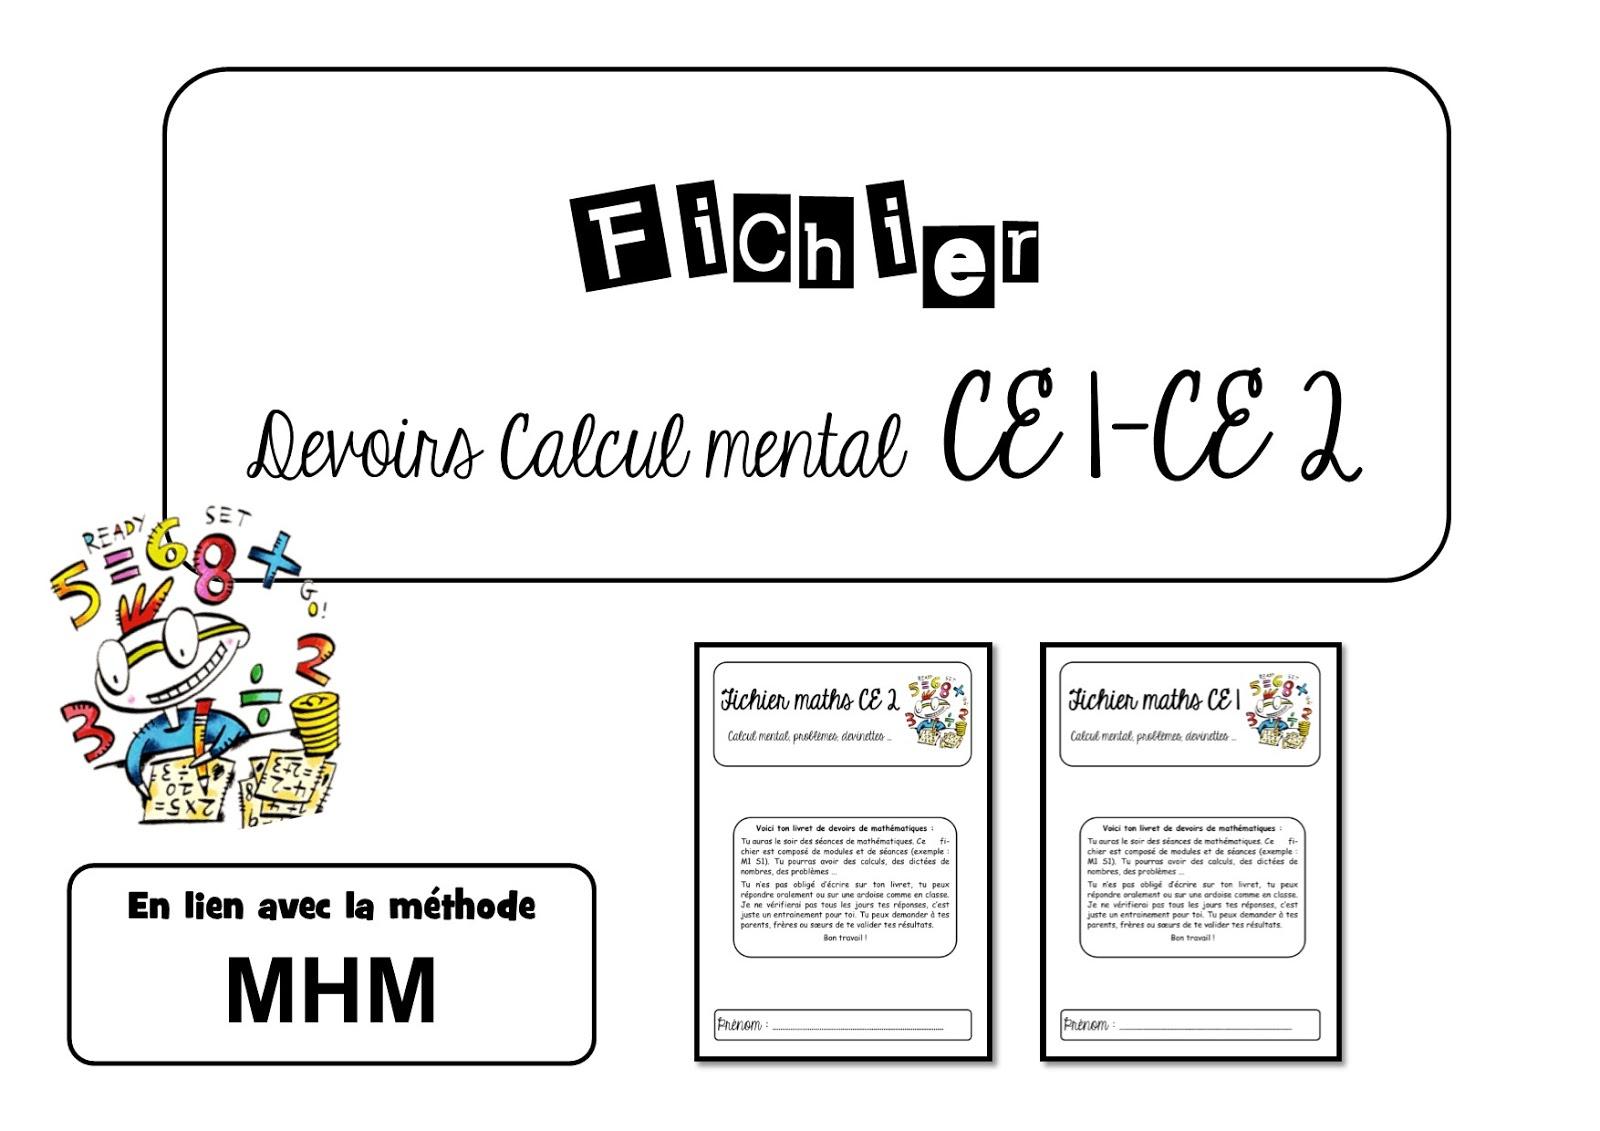 La Classe De Virginia: Fichier Devoirs Maths Ce1-Ce2 Méthode Mhm dedans Travaille De Ce1 A Imprimer Gratuit